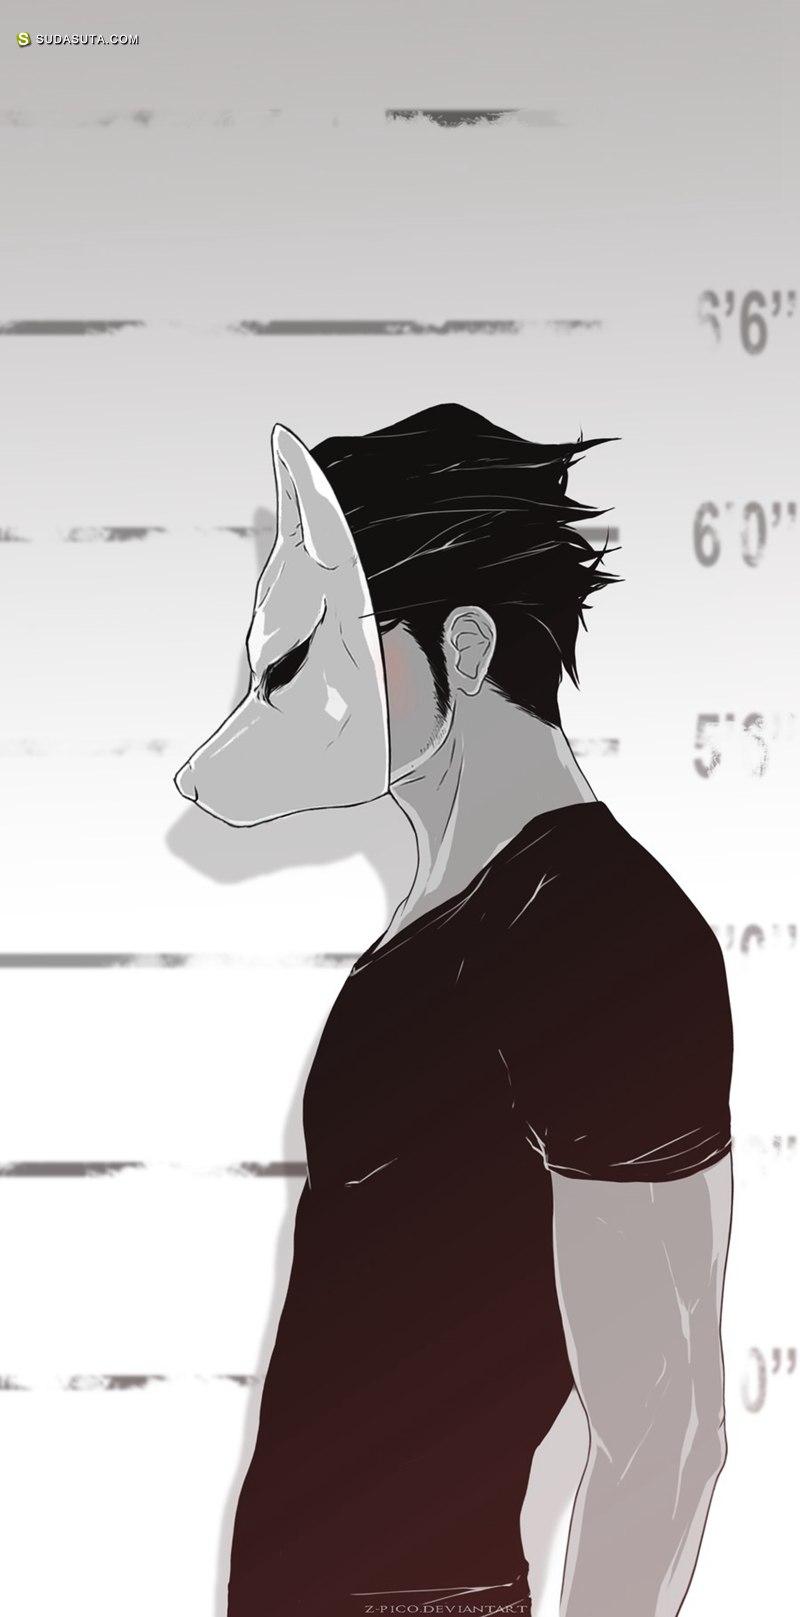 Z-Pico 漫画《男孩和狼》